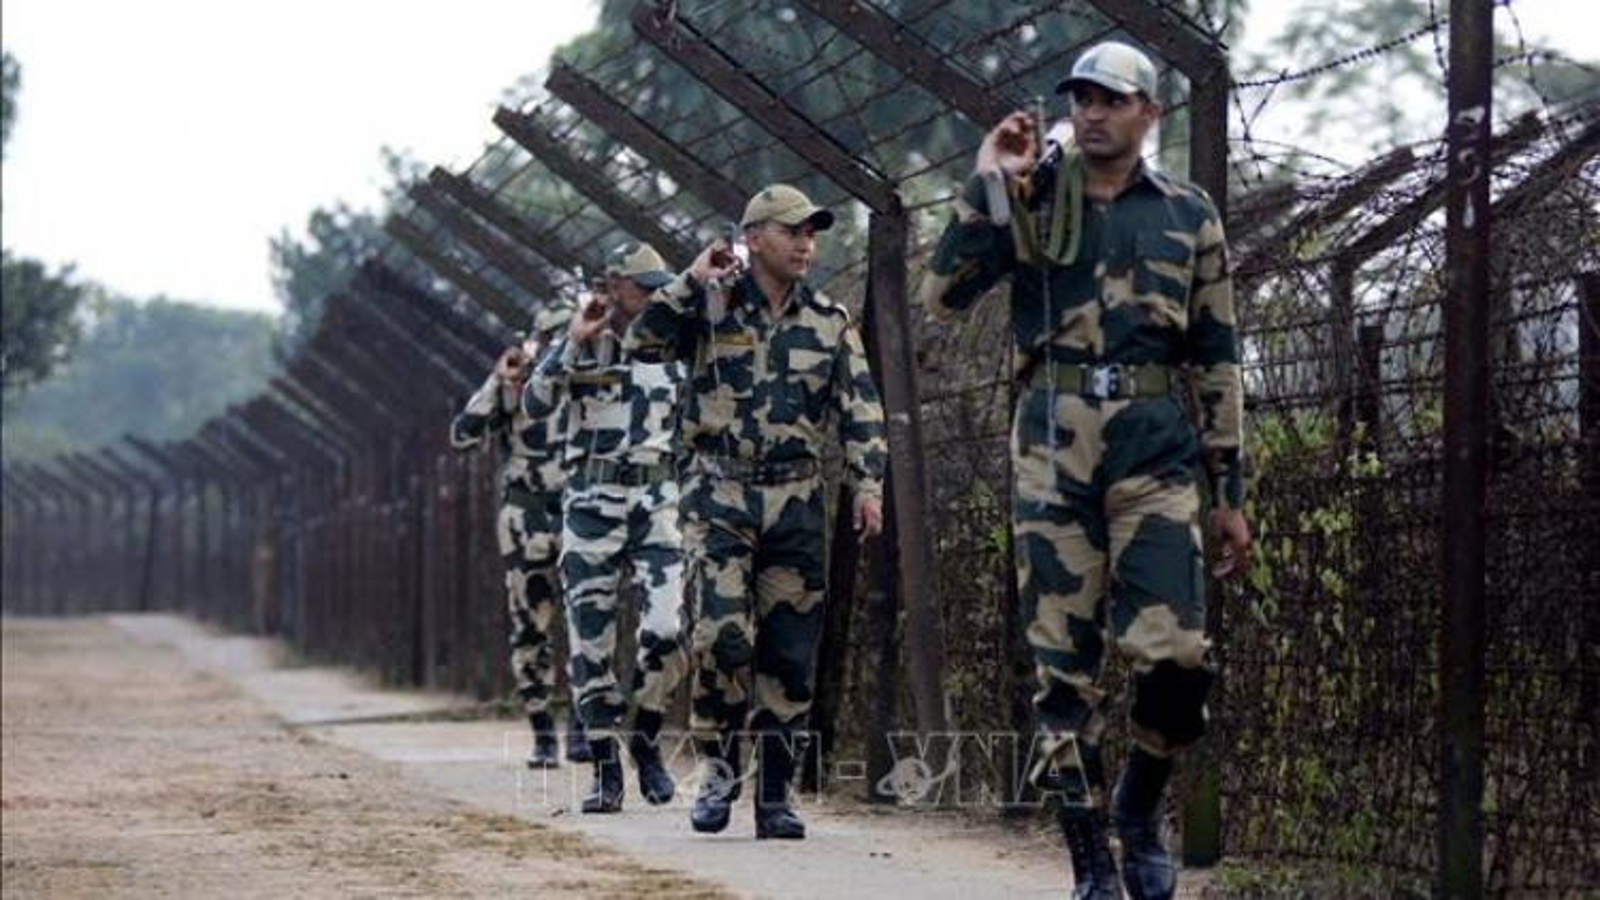 Ít nhất 22 nhân viên an ninh Ấn Độ thiệt mạng do bị phiến quân phục kích